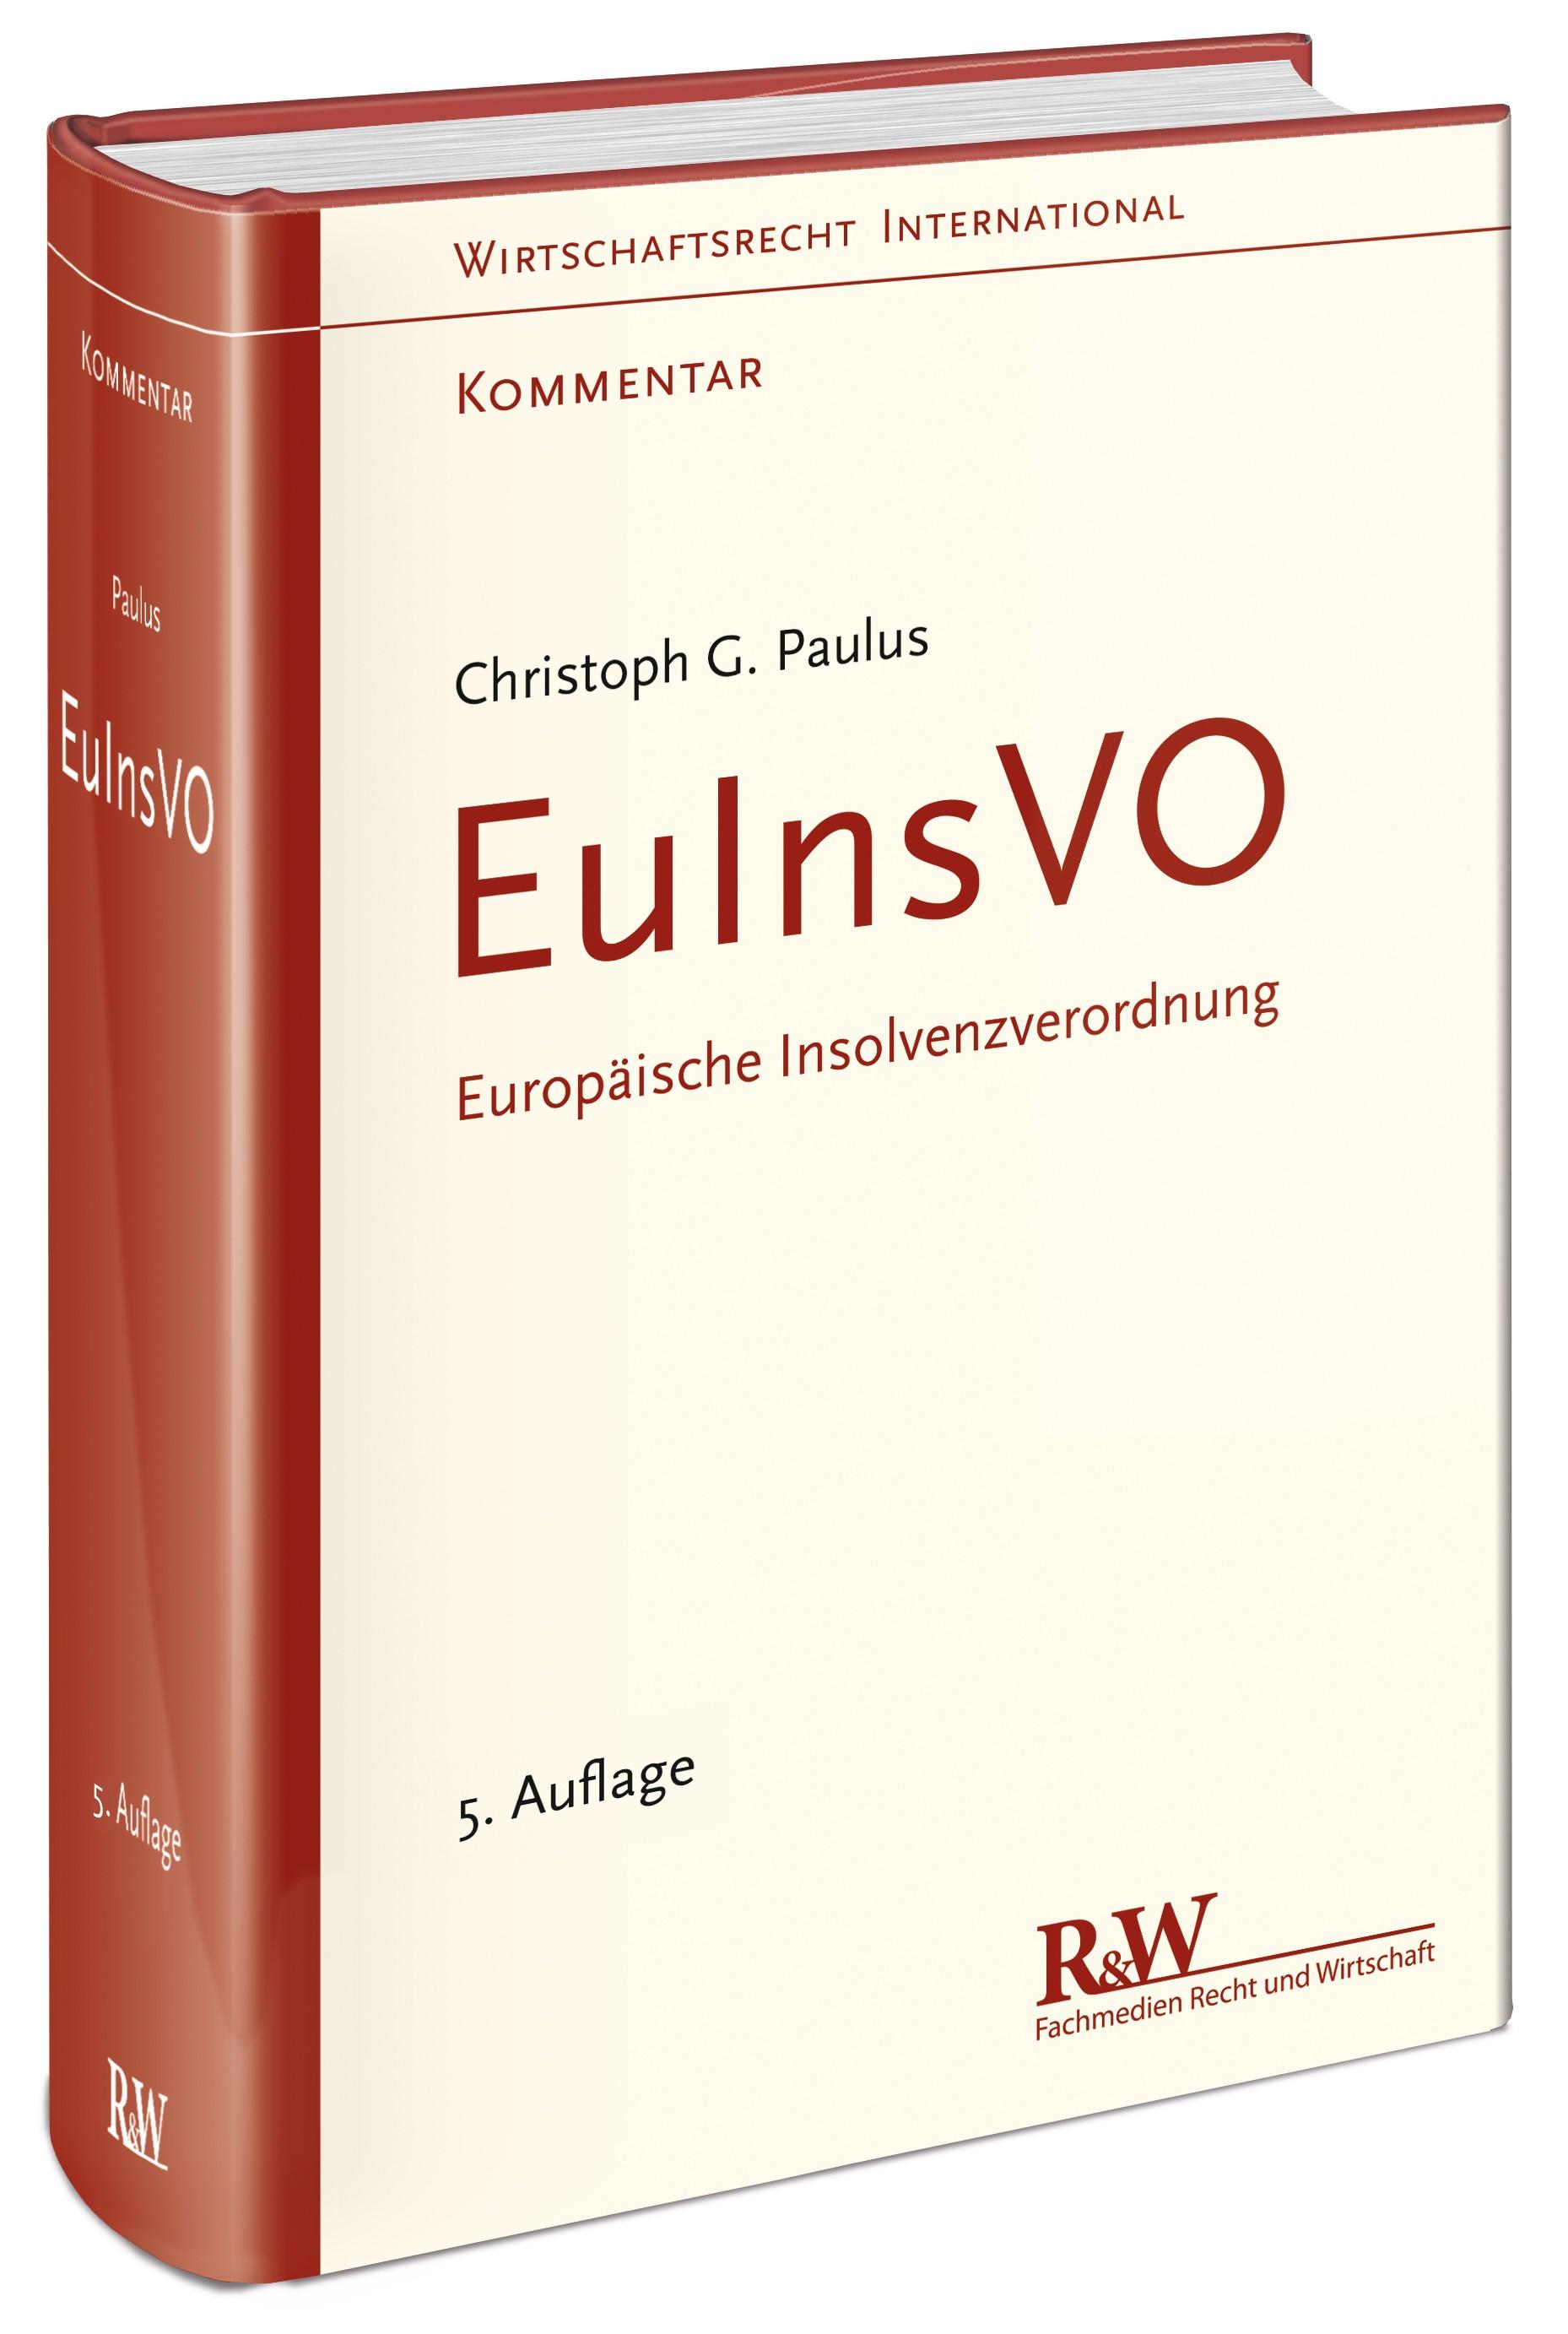 EuInsVO - Europäische Insolvenzverordnung | Paulus | 5., umfassend neu bearbeitete Auflage, 2017 | Buch (Cover)